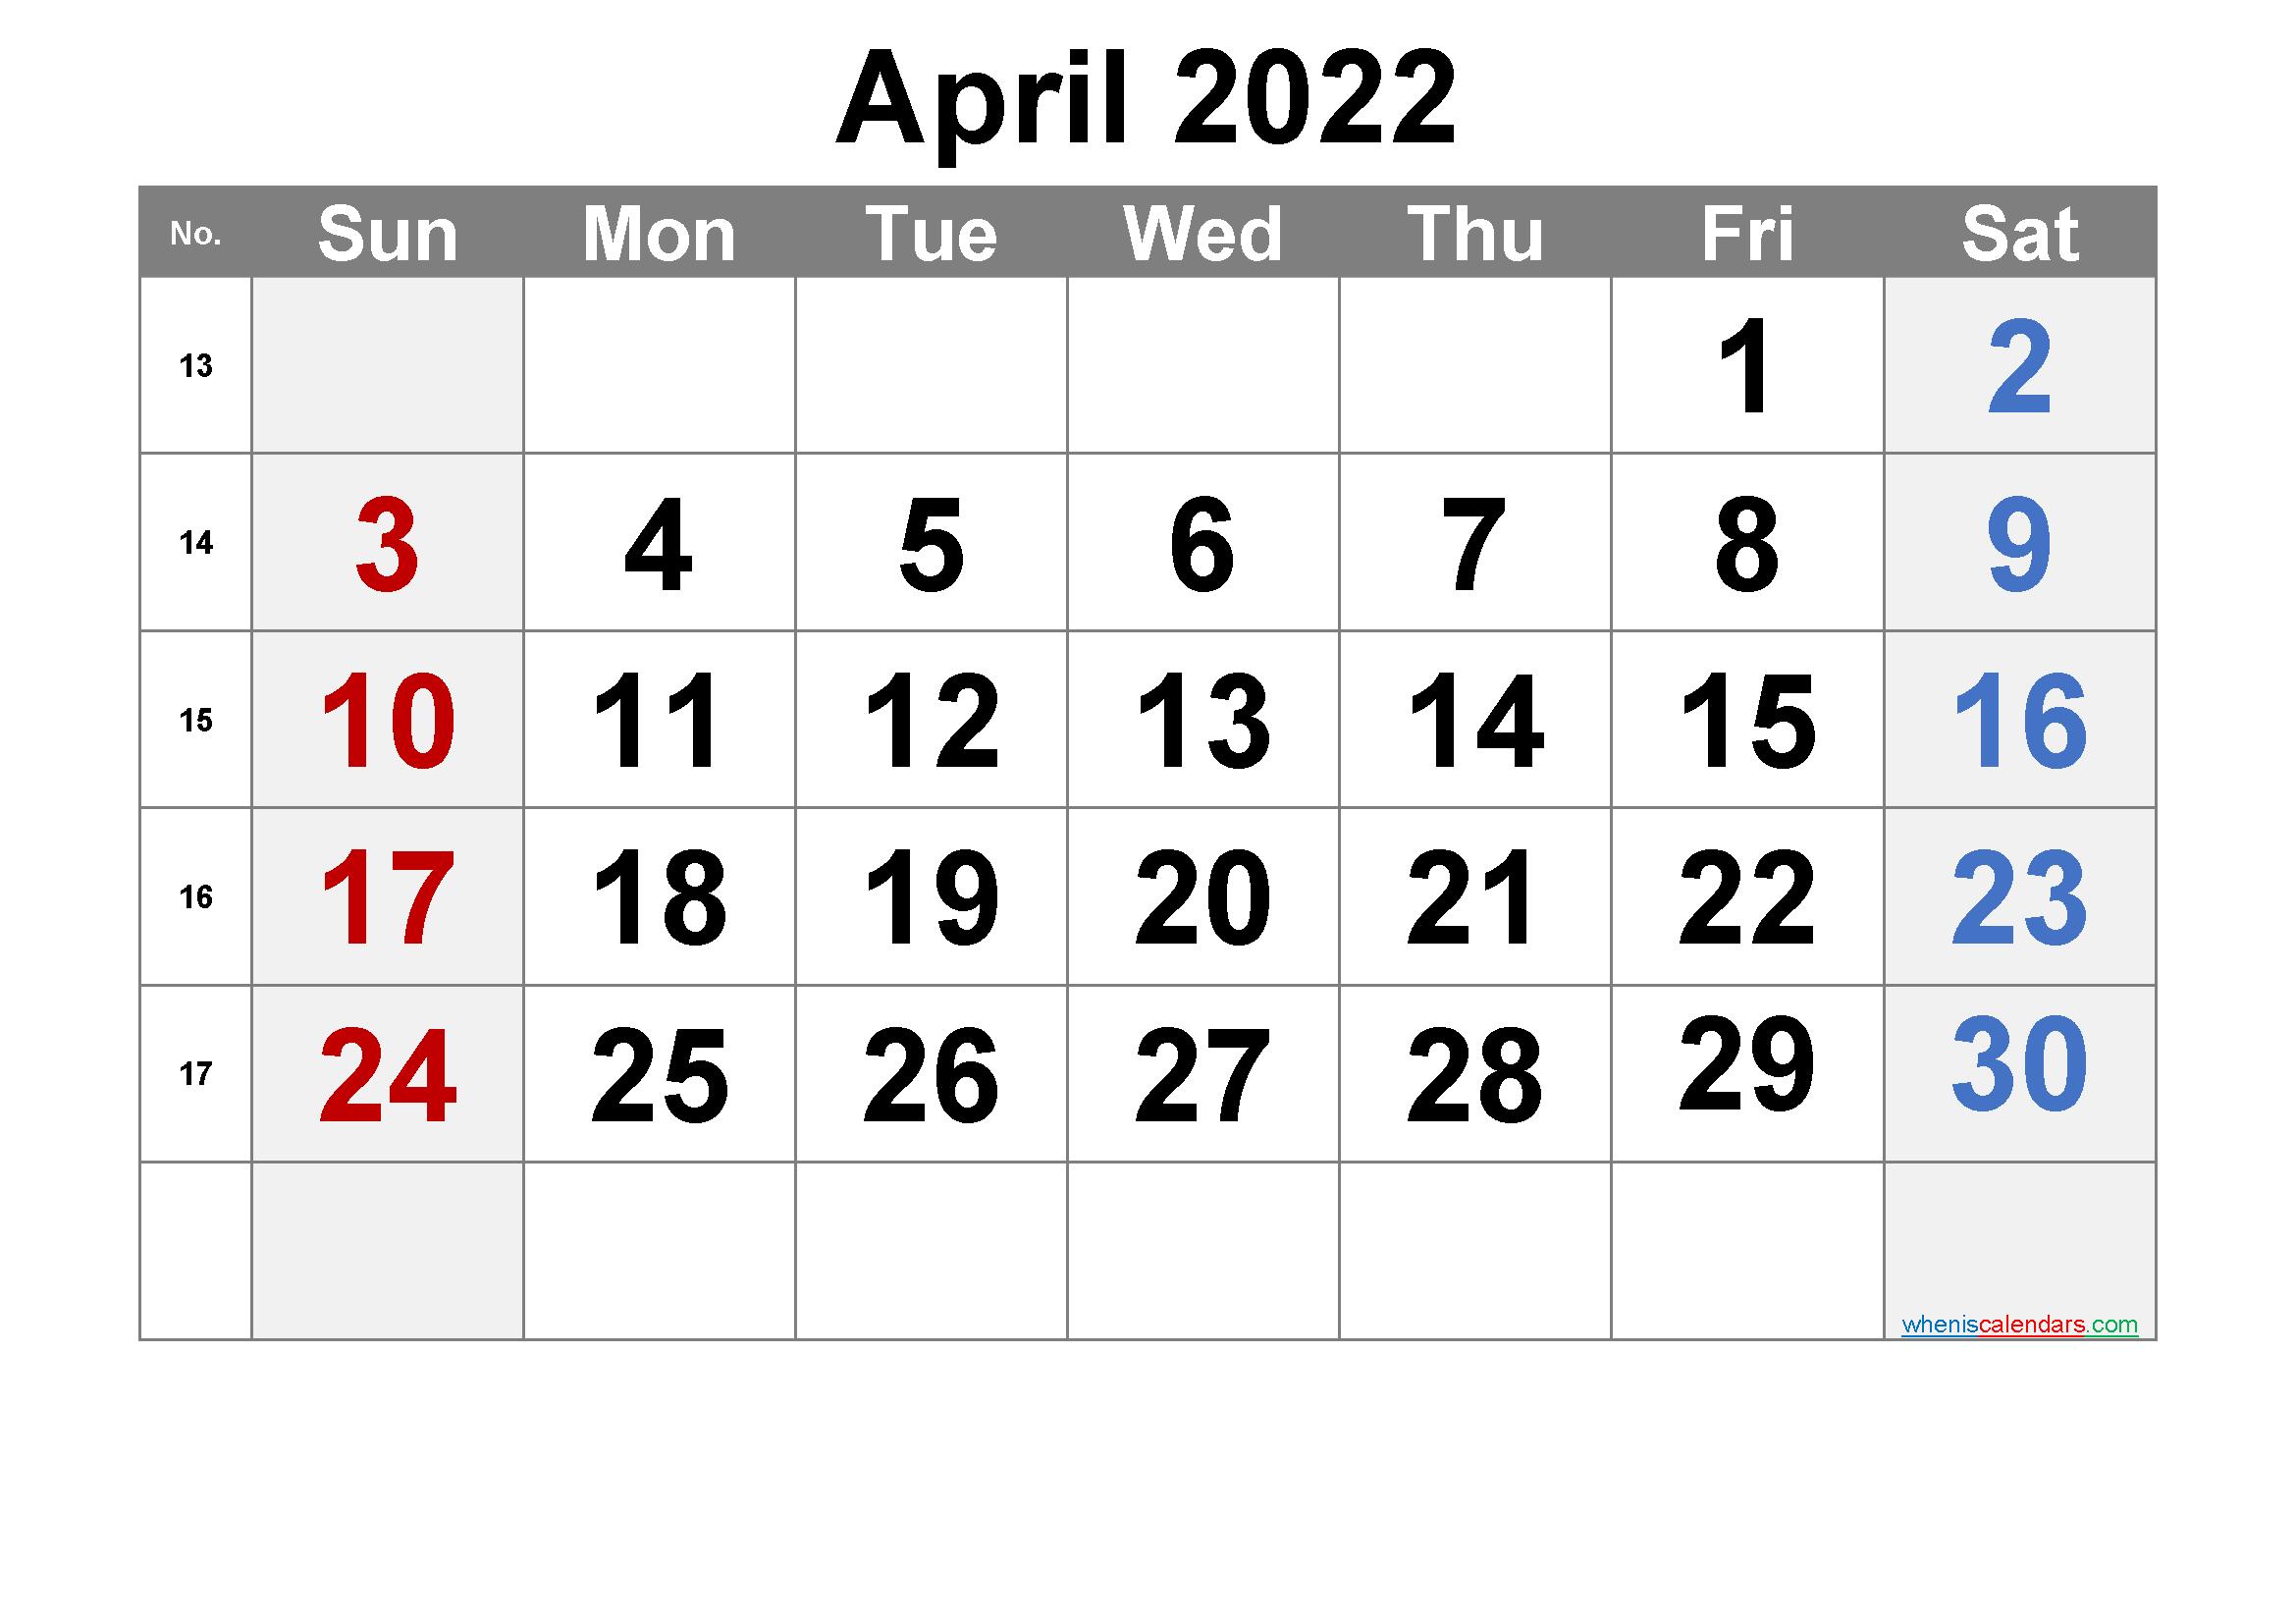 Free April 2022 Calendar with Week Numbers - Free ...